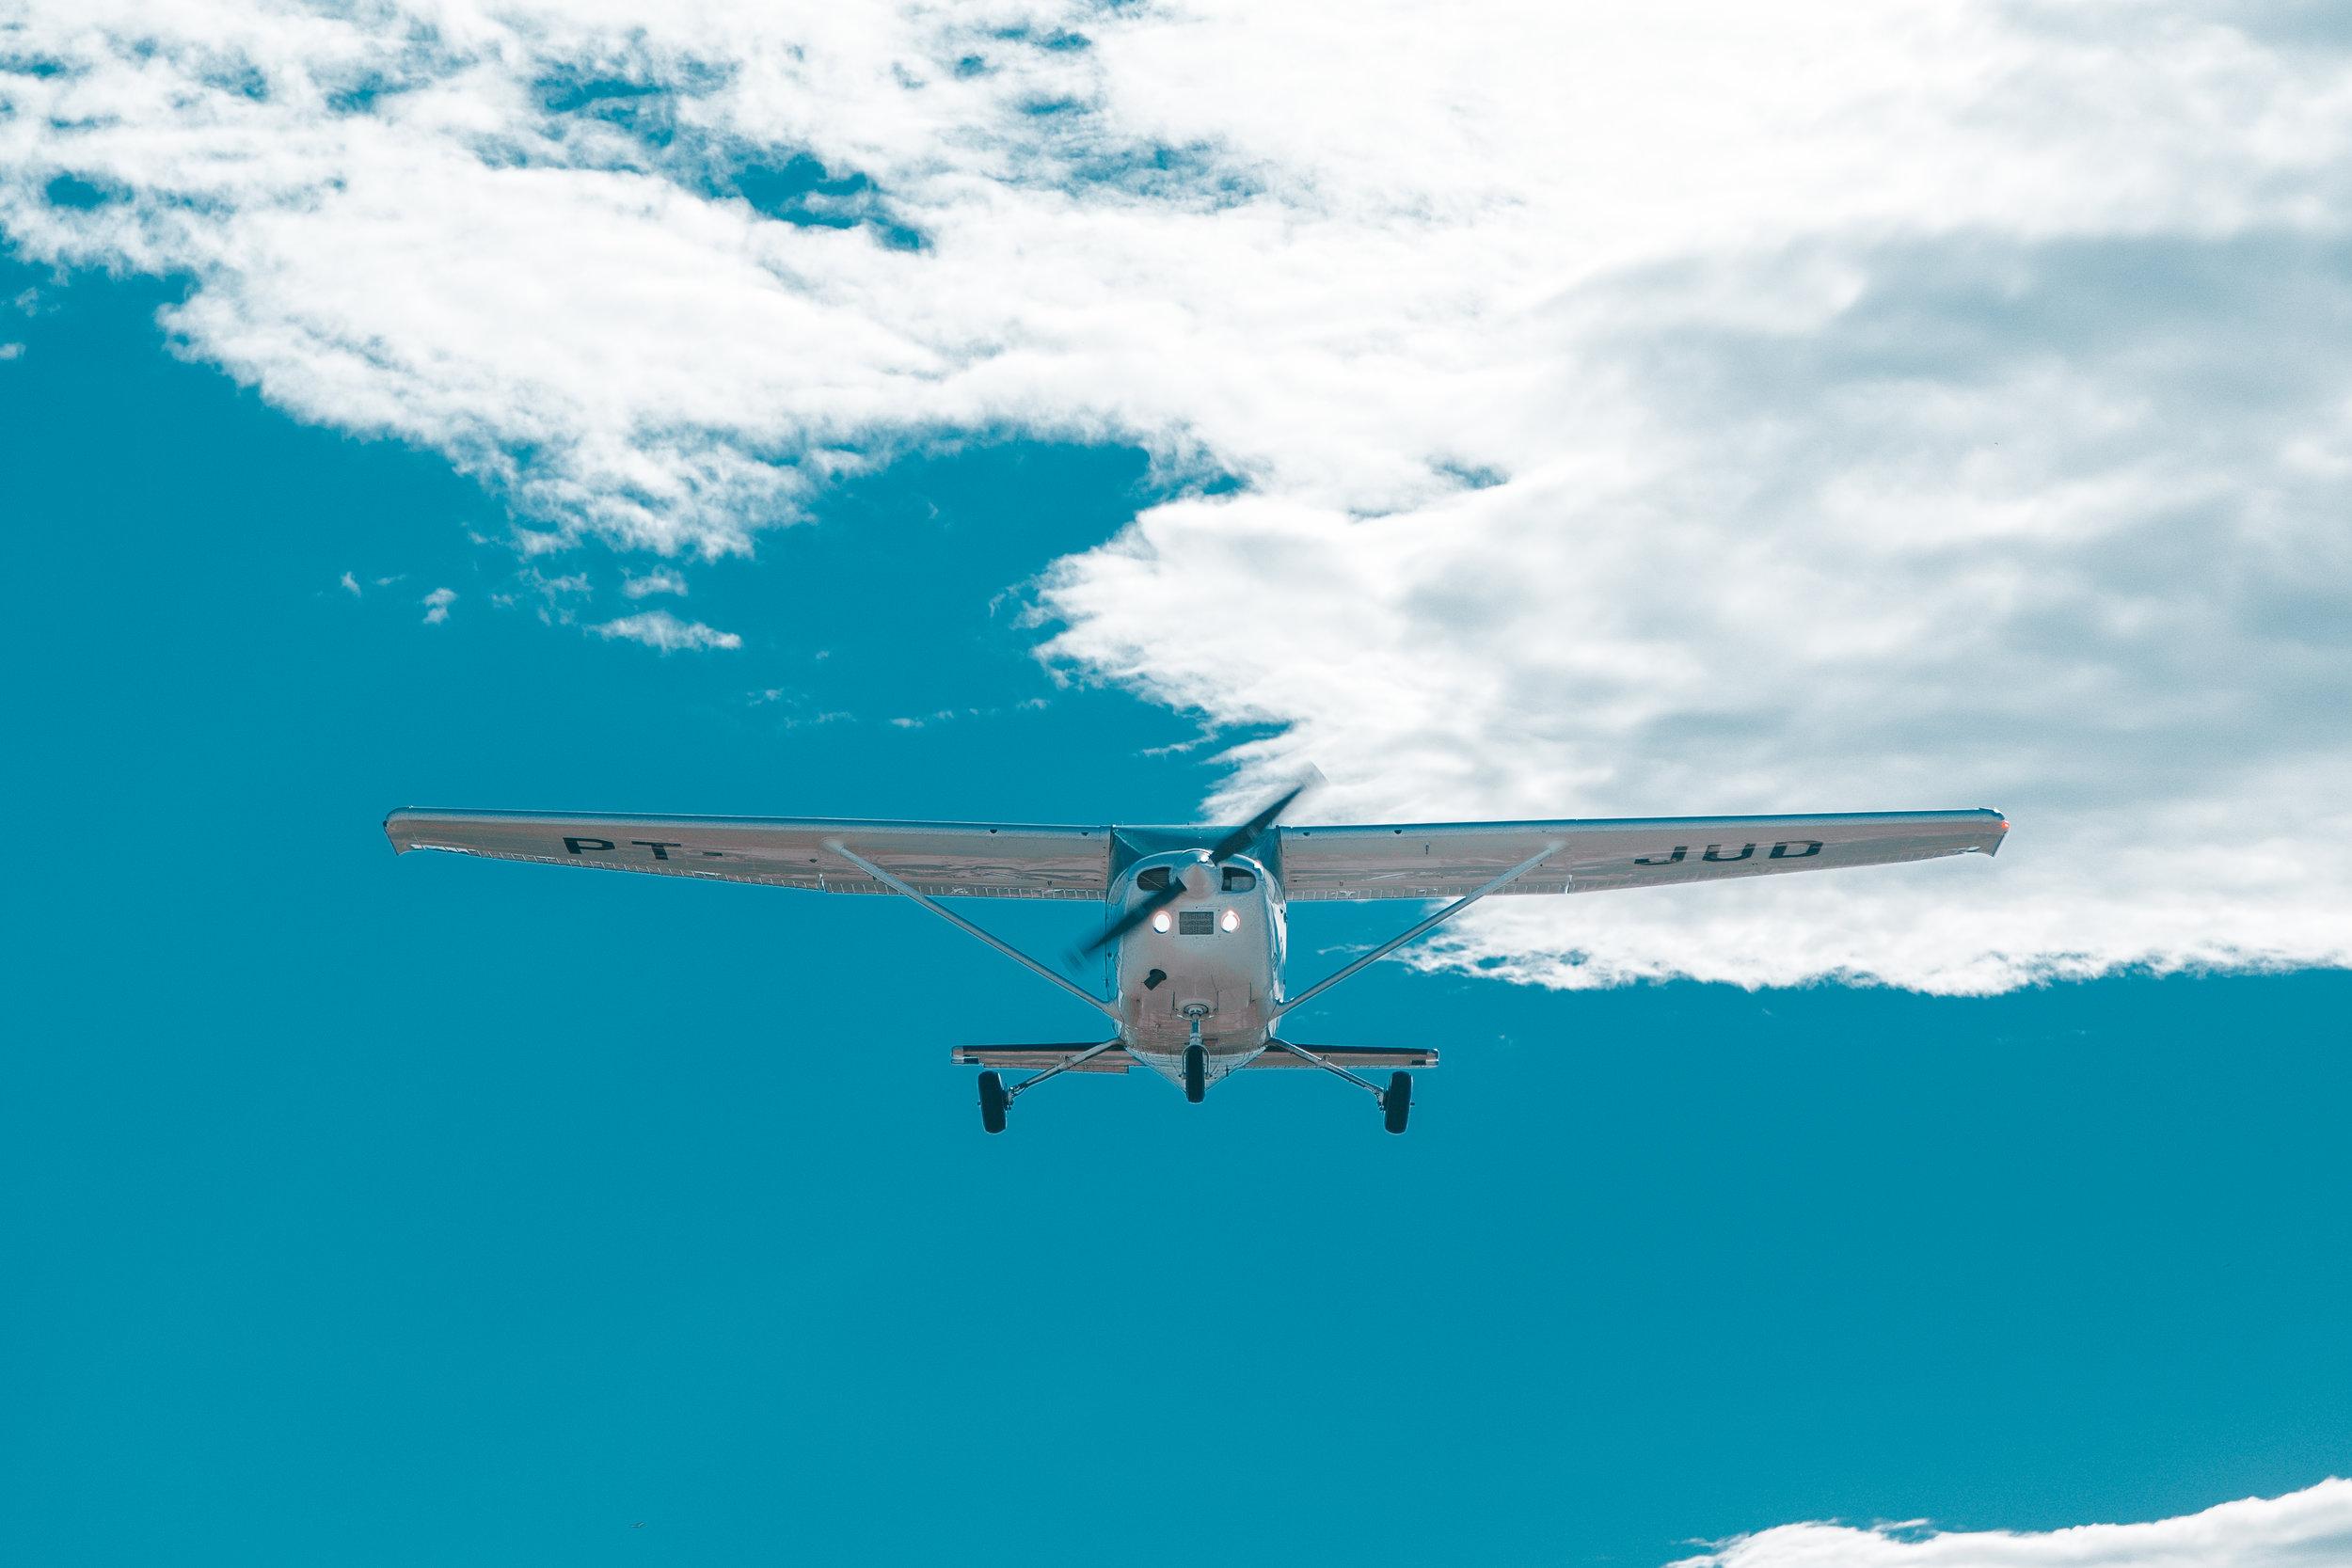 Medios para llegar - Existen dos formas de llegar a Culebra; la más rápida es tomando un vuelo desde alguno de los aeropuertos de la isla grande en Puerto Rico (Ceiba o Isla Grande en San Juan). Sin embargo, esta es también la forma más costosa.